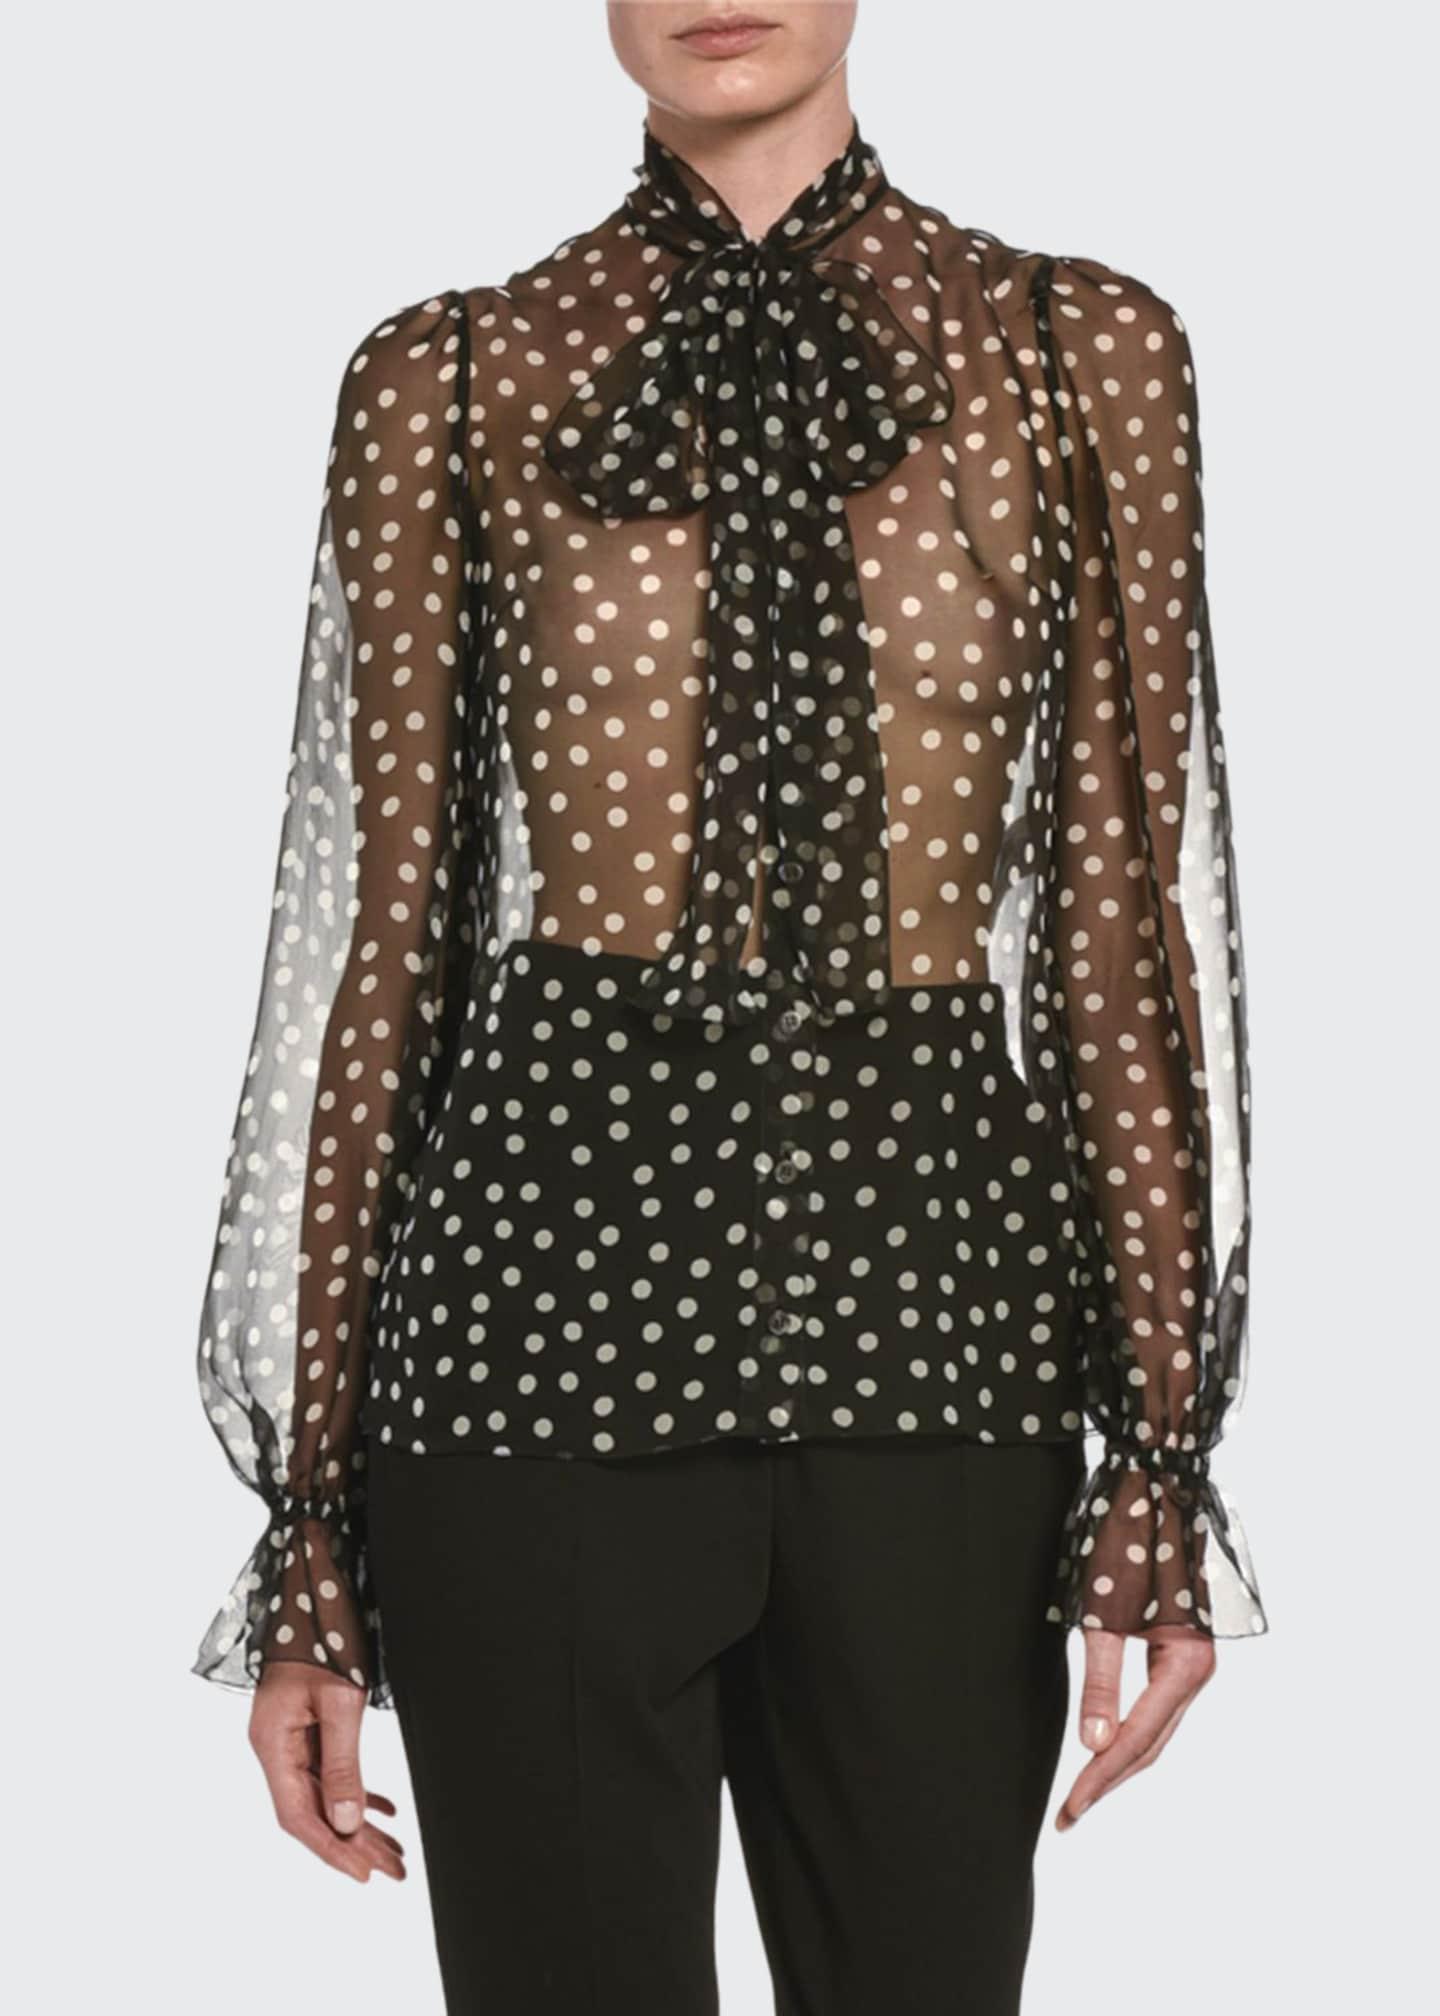 Dolce & Gabbana Polka-Dot-Print Chiffon Tie-Neck Blouse